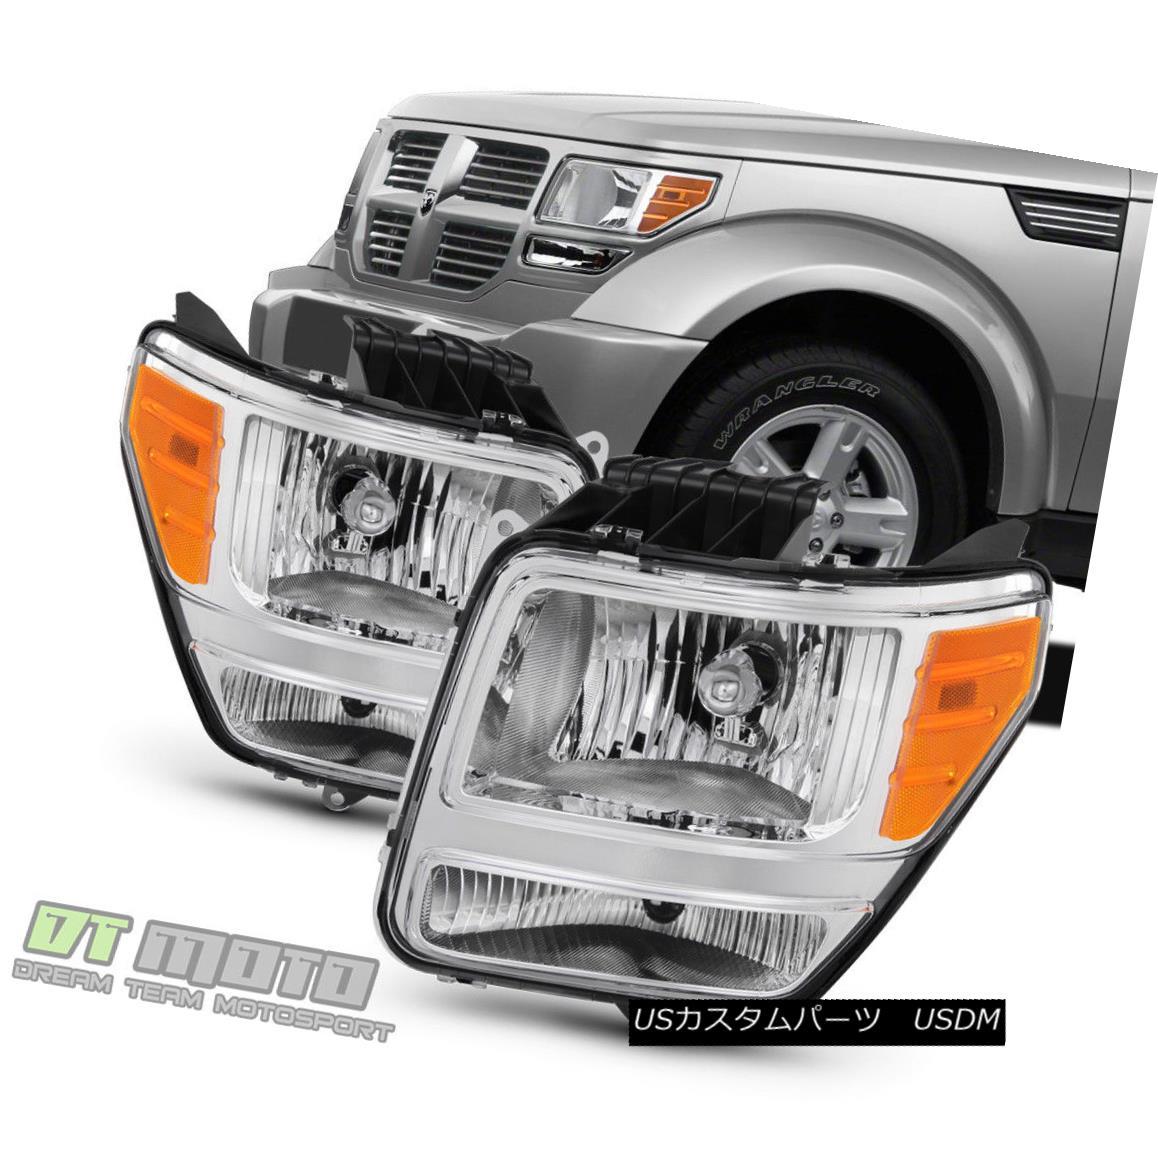 ヘッドライト Factory Style 2007-2011 Dodge Nitro Headlights Headlamps Replacement Left+Right 工場スタイル2007-2011ダッジニトロヘッドライトヘッドライト交換左+右